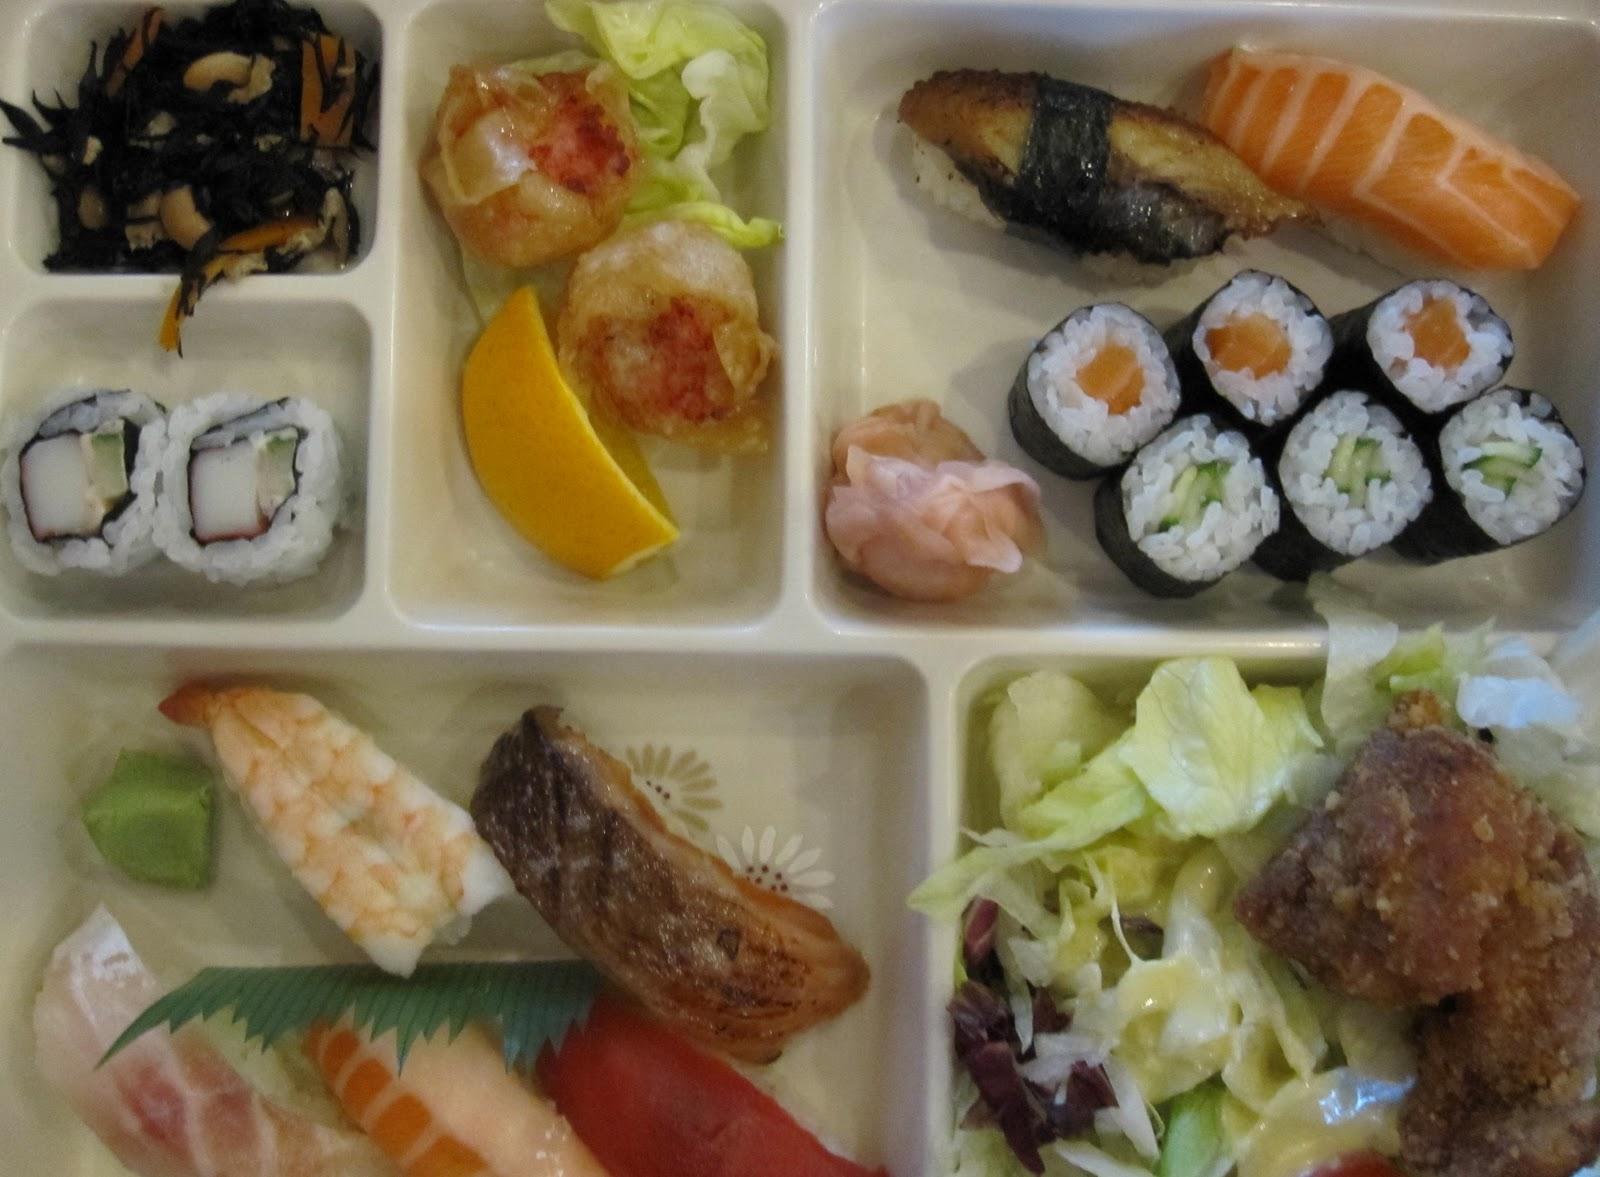 http://1.bp.blogspot.com/-uoJczHZFr1g/TnnEfO2jDFI/AAAAAAAABJI/RACLTzIUXV0/s1600/sushi+bento.jpg